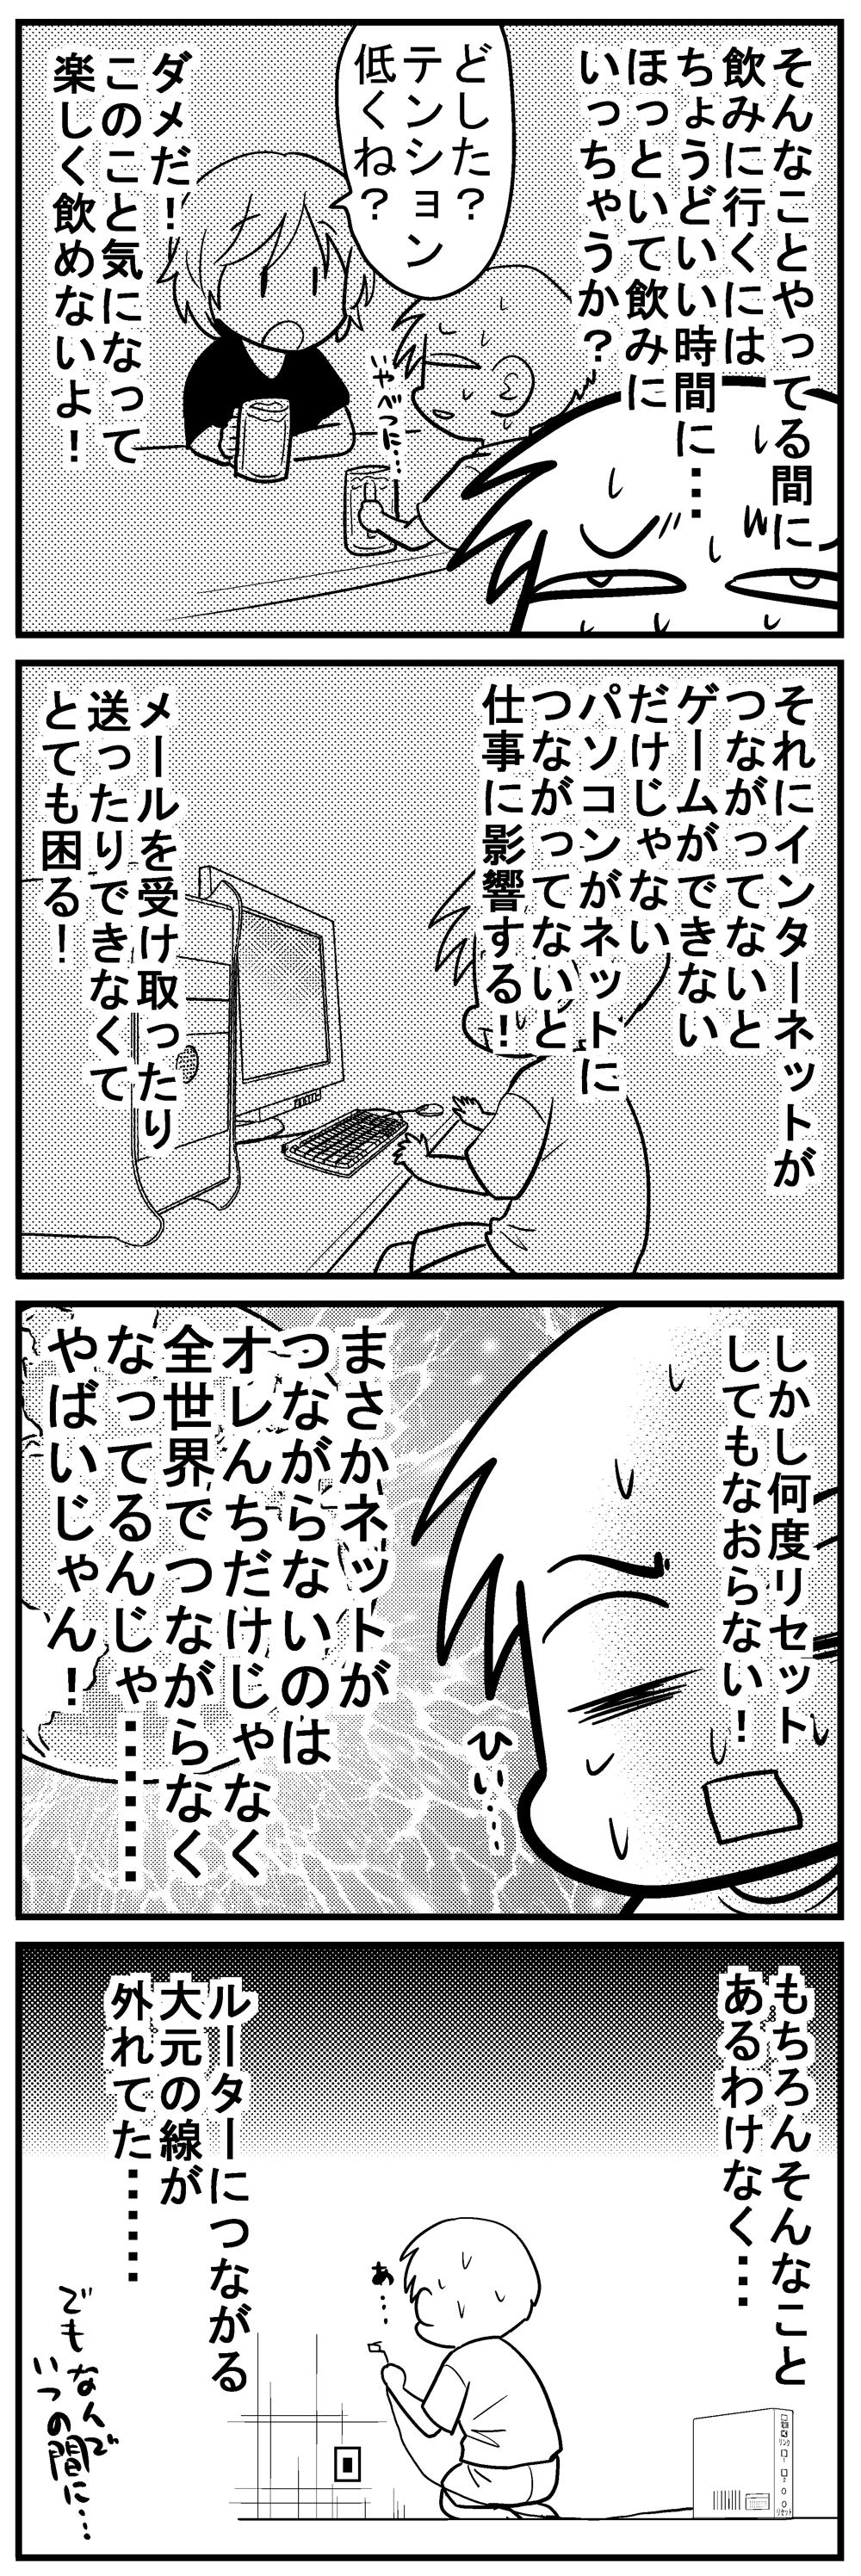 深読みくん87-2